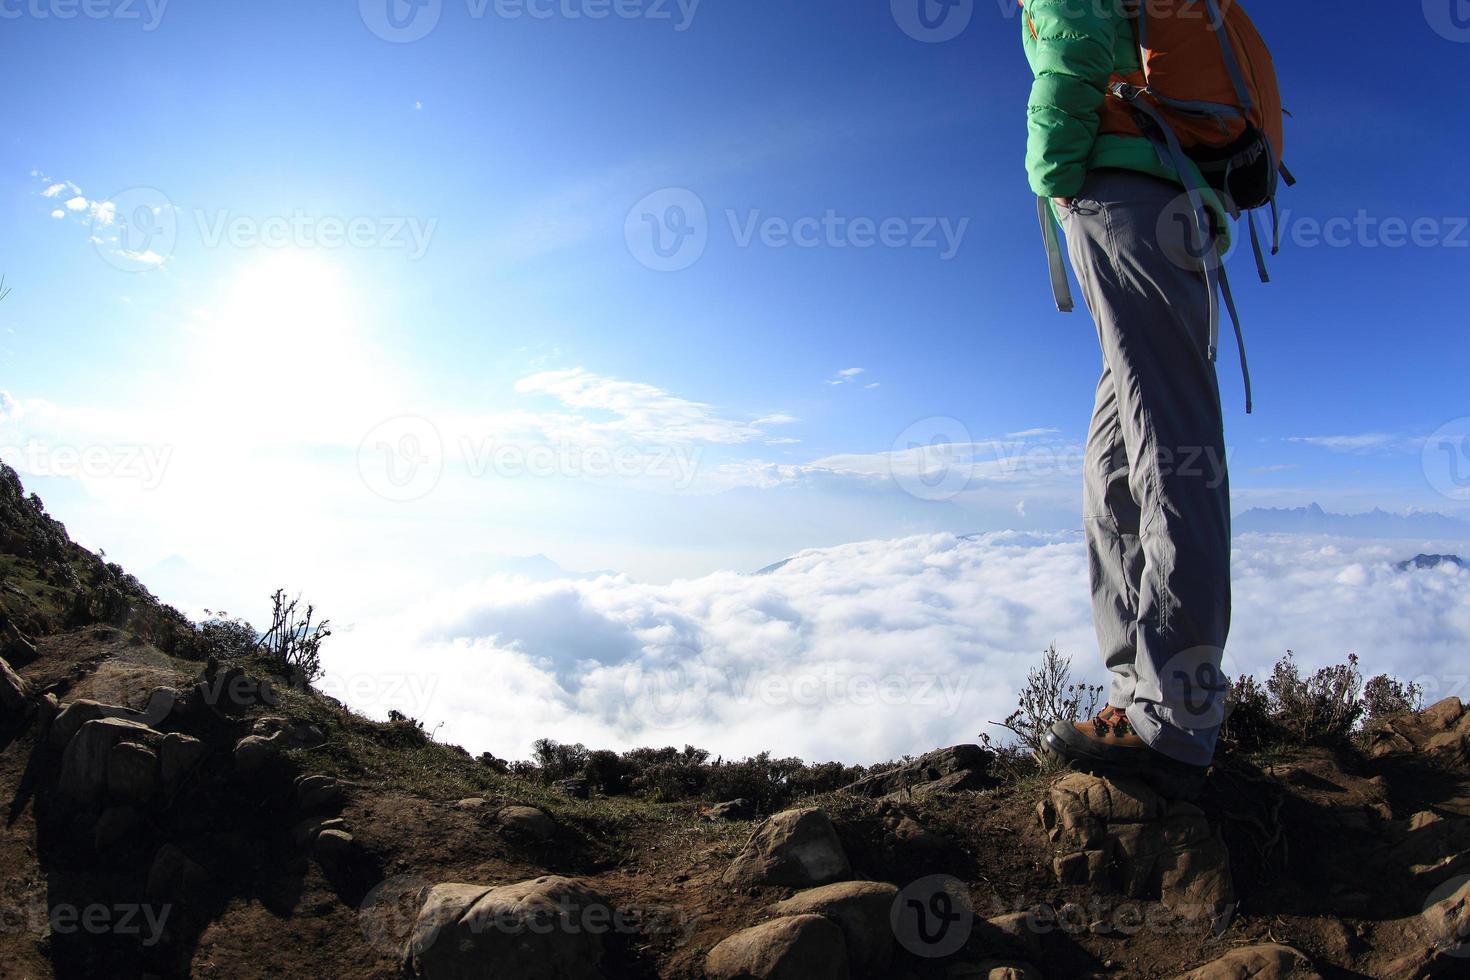 pernas de alpinista no pico da montanha por do sol apreciar a vista foto